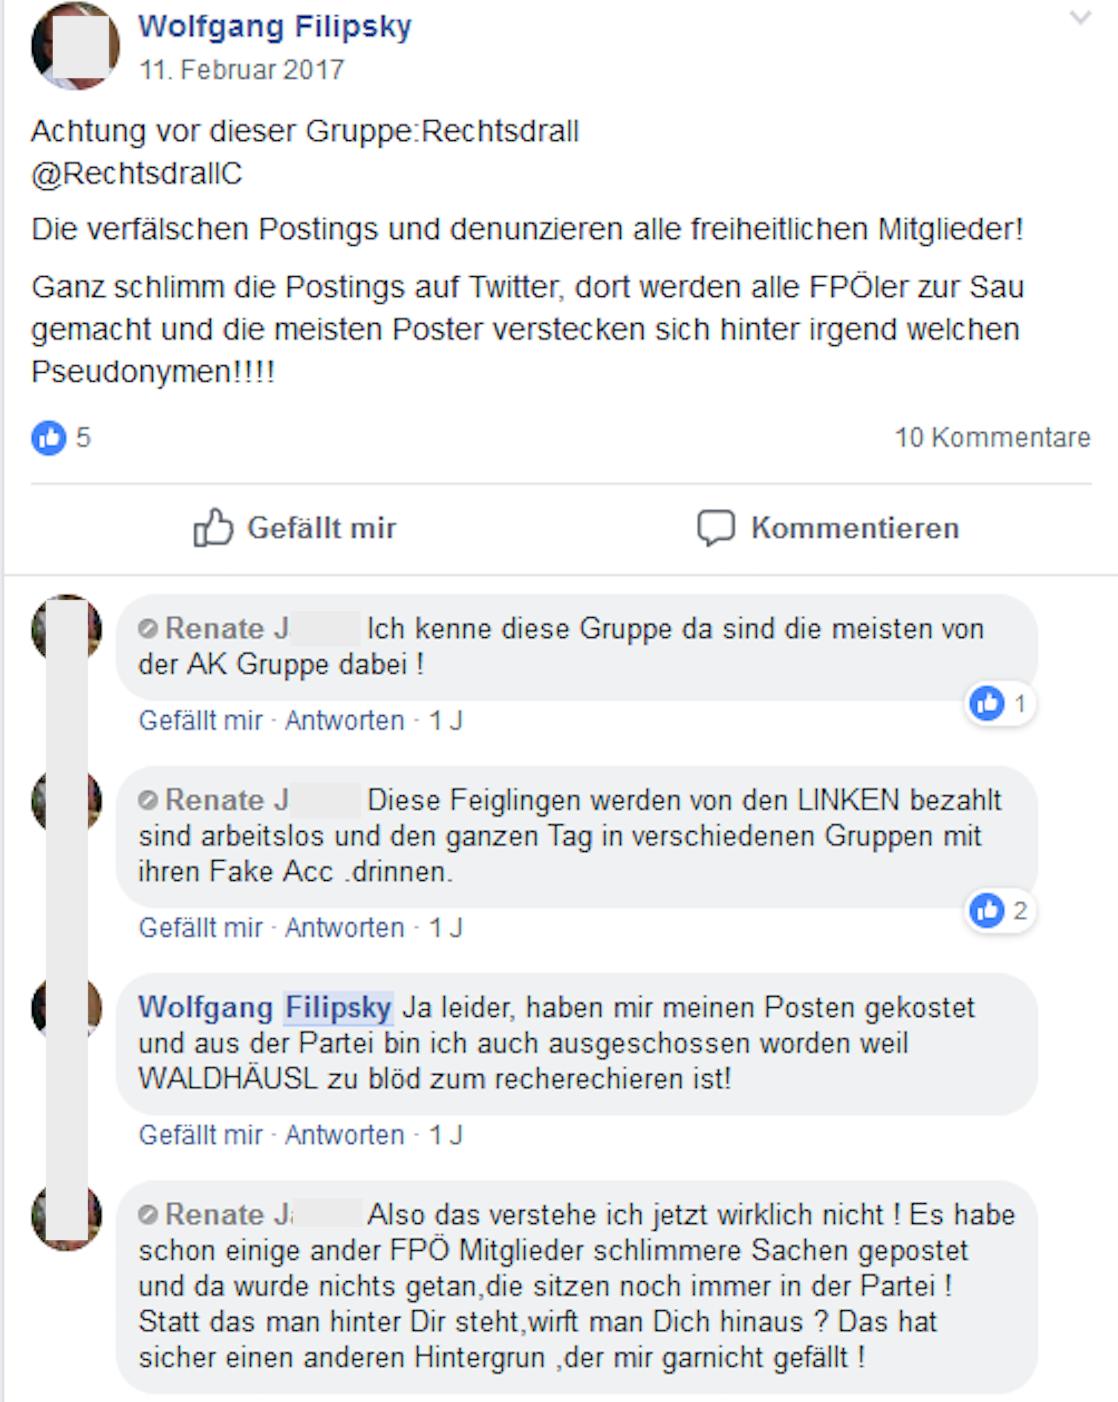 """Filipsky unterhält sich mit Renate J. über seinen Parteiausschluss und Gottfried Waldhäusl, der """"zu blöd zum recherchieren ist"""""""